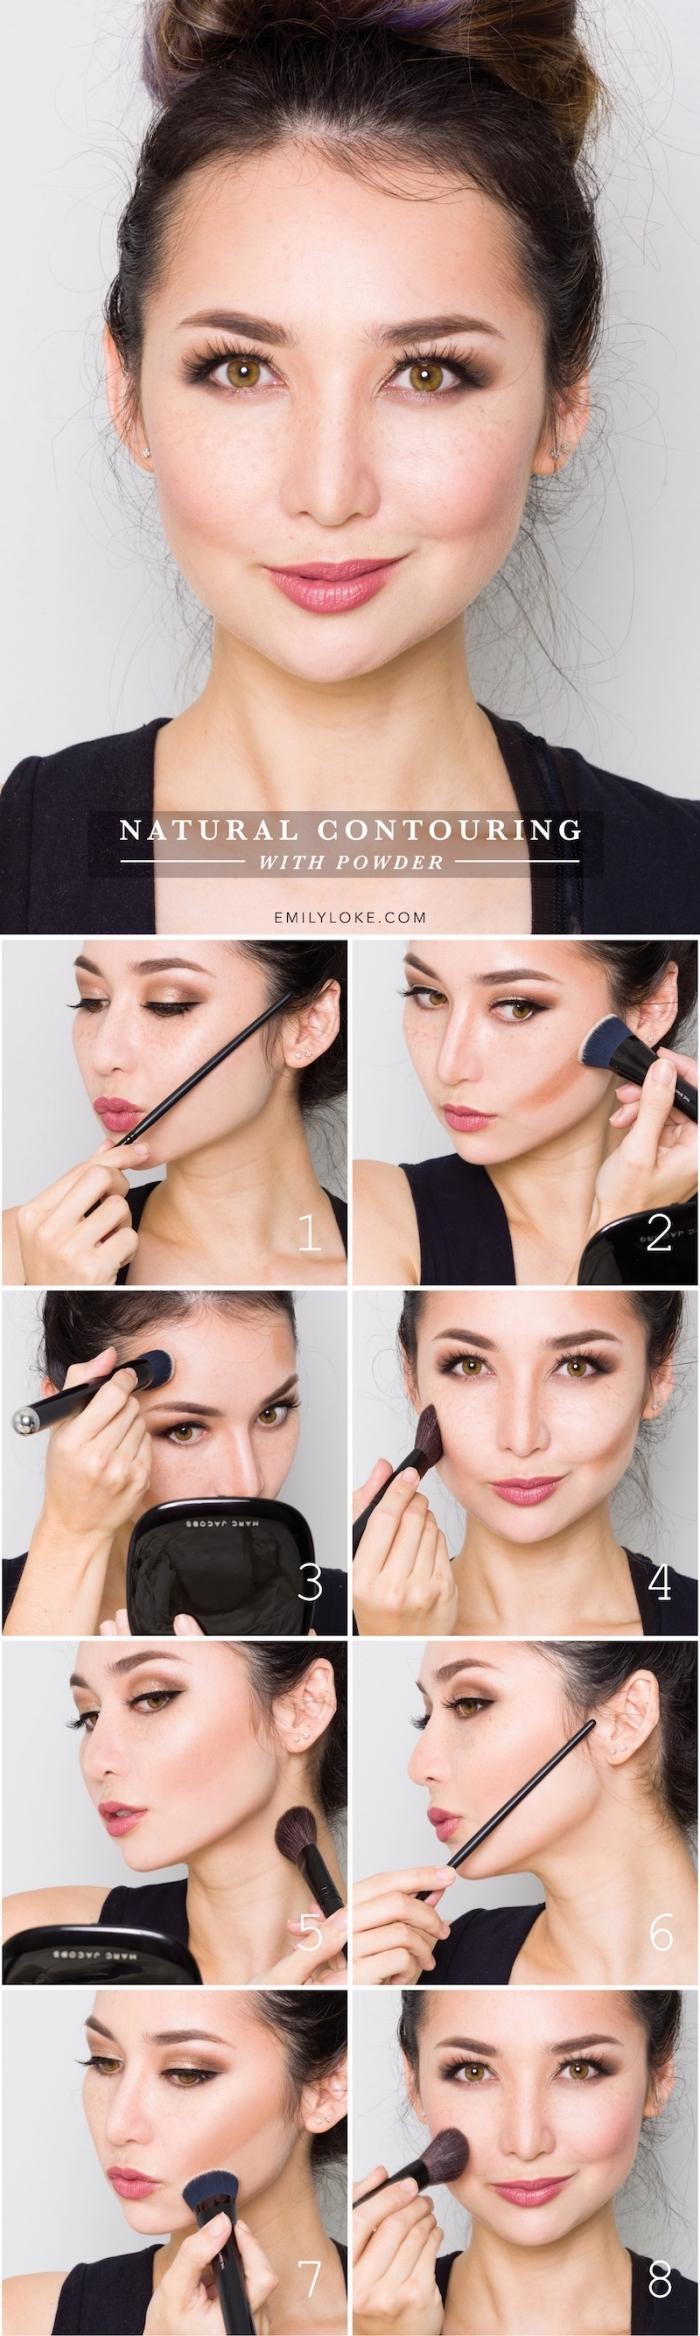 1001 conseils et astuces pour r aliser un maquillage contouring facile. Black Bedroom Furniture Sets. Home Design Ideas